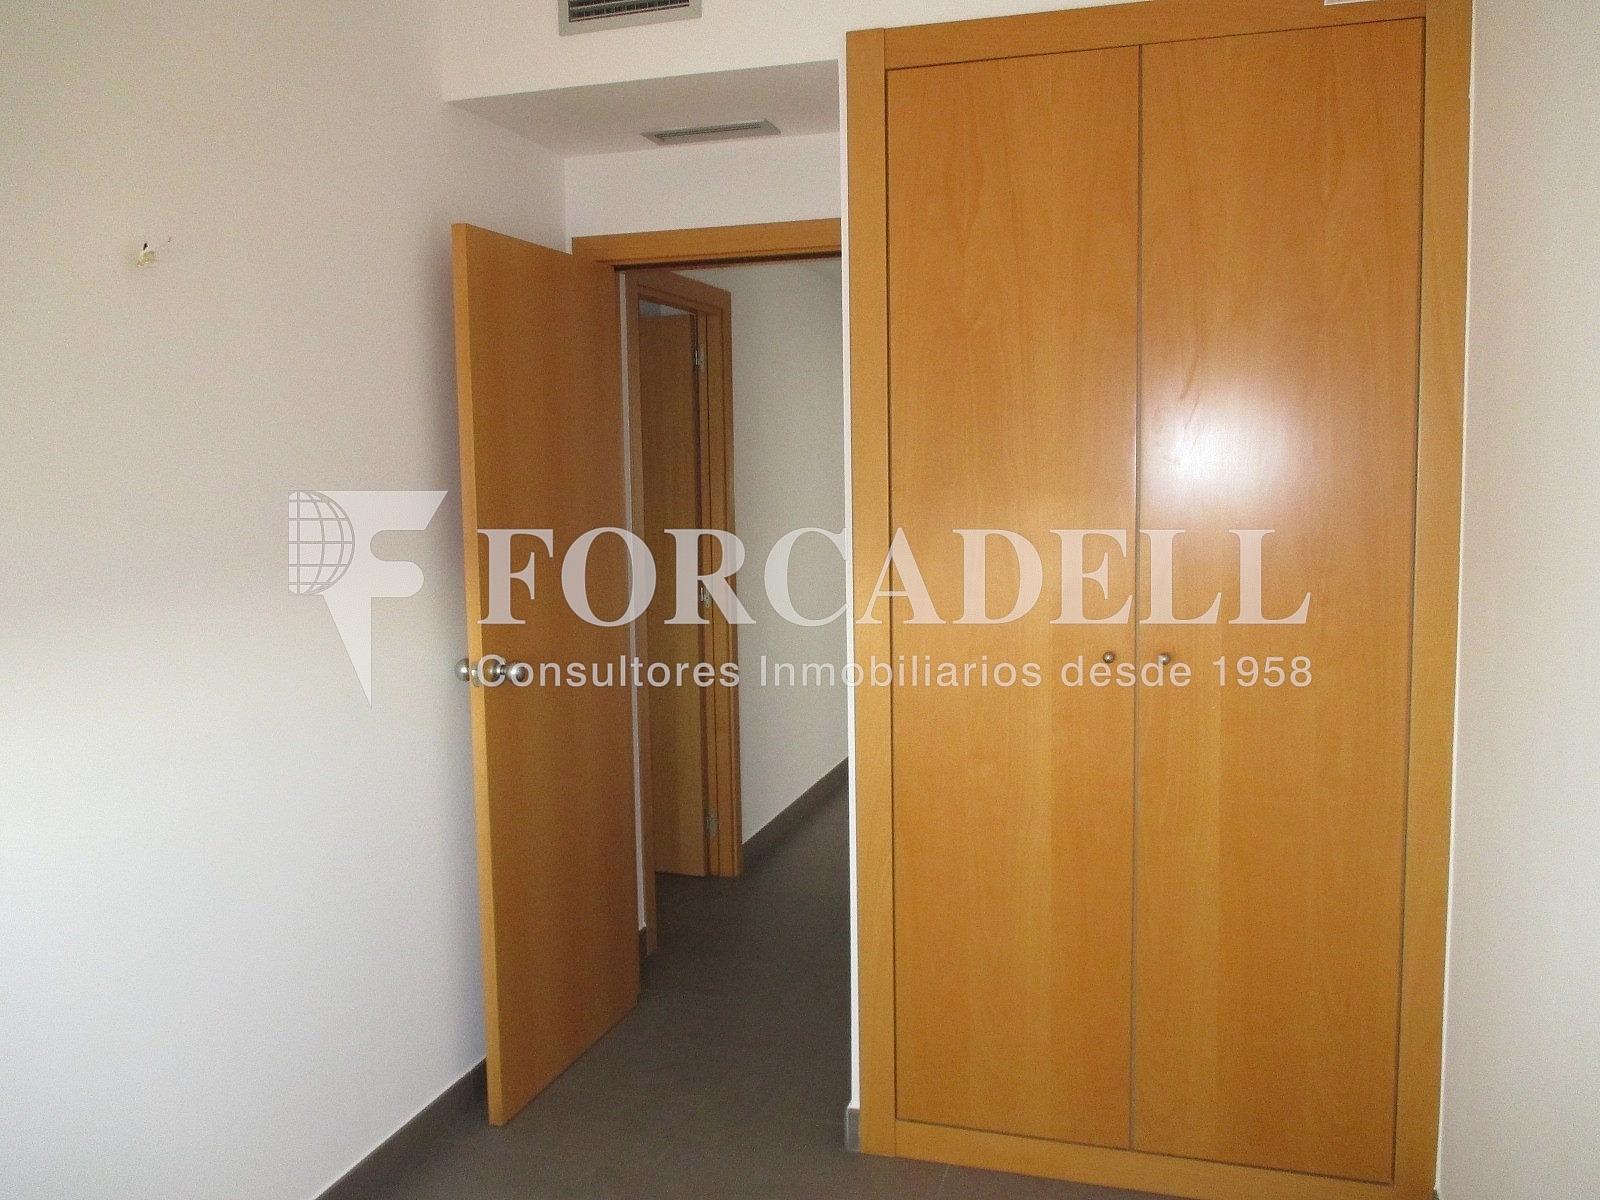 IMG_2678 - Piso en alquiler en calle Merce Rodoreda, Can clota en Esplugues de Llobregat - 331432074